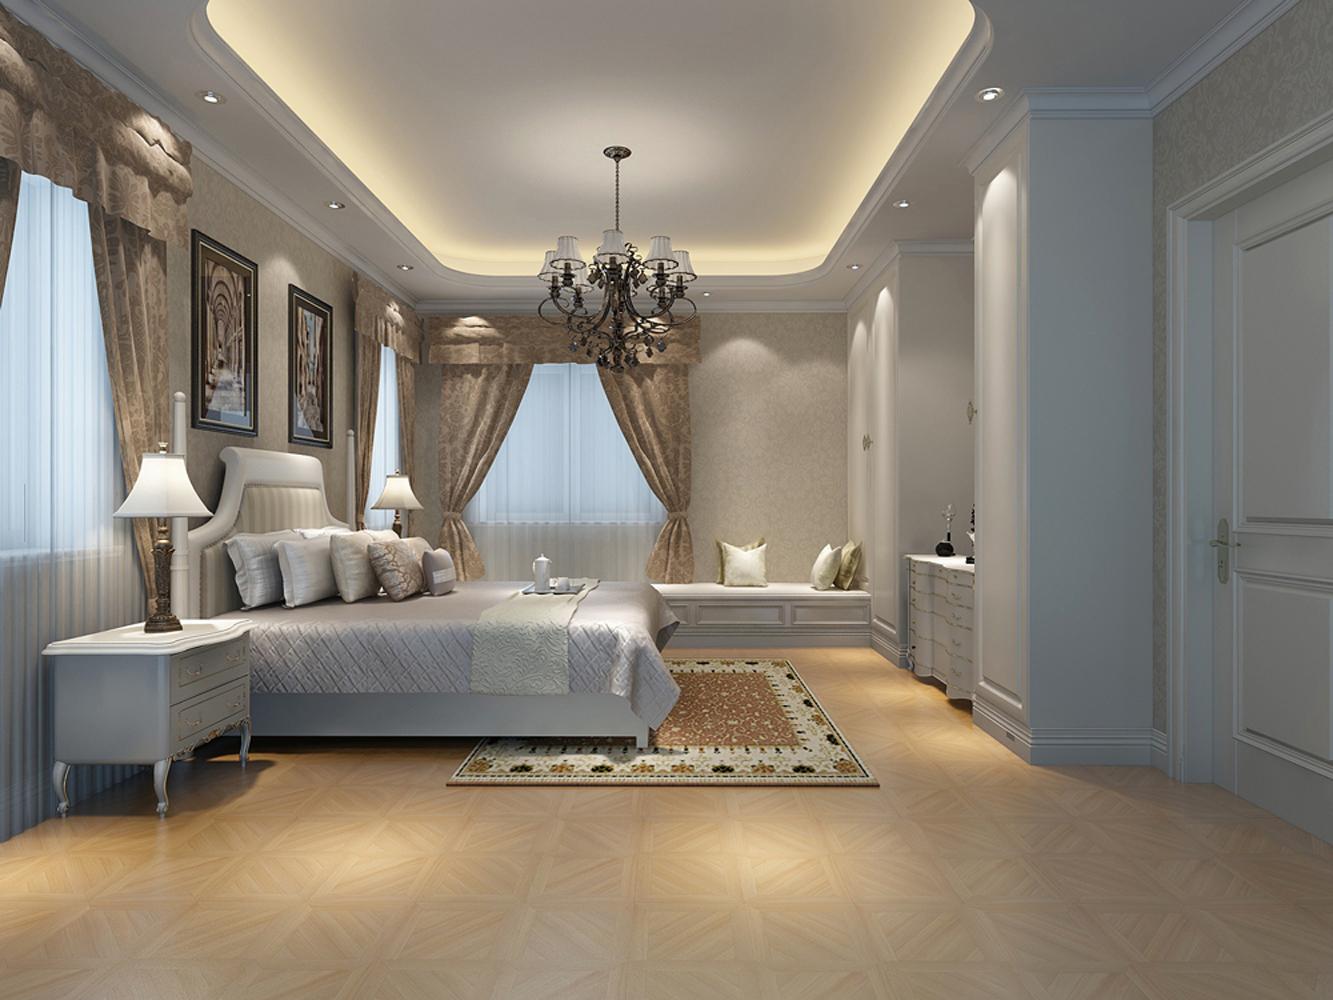 龙湖好望山 别墅装修 别墅设计 现代风格设 聚通装潢 卧室图片来自jtong0002在龙湖好望山别墅装修欧式风格设计的分享